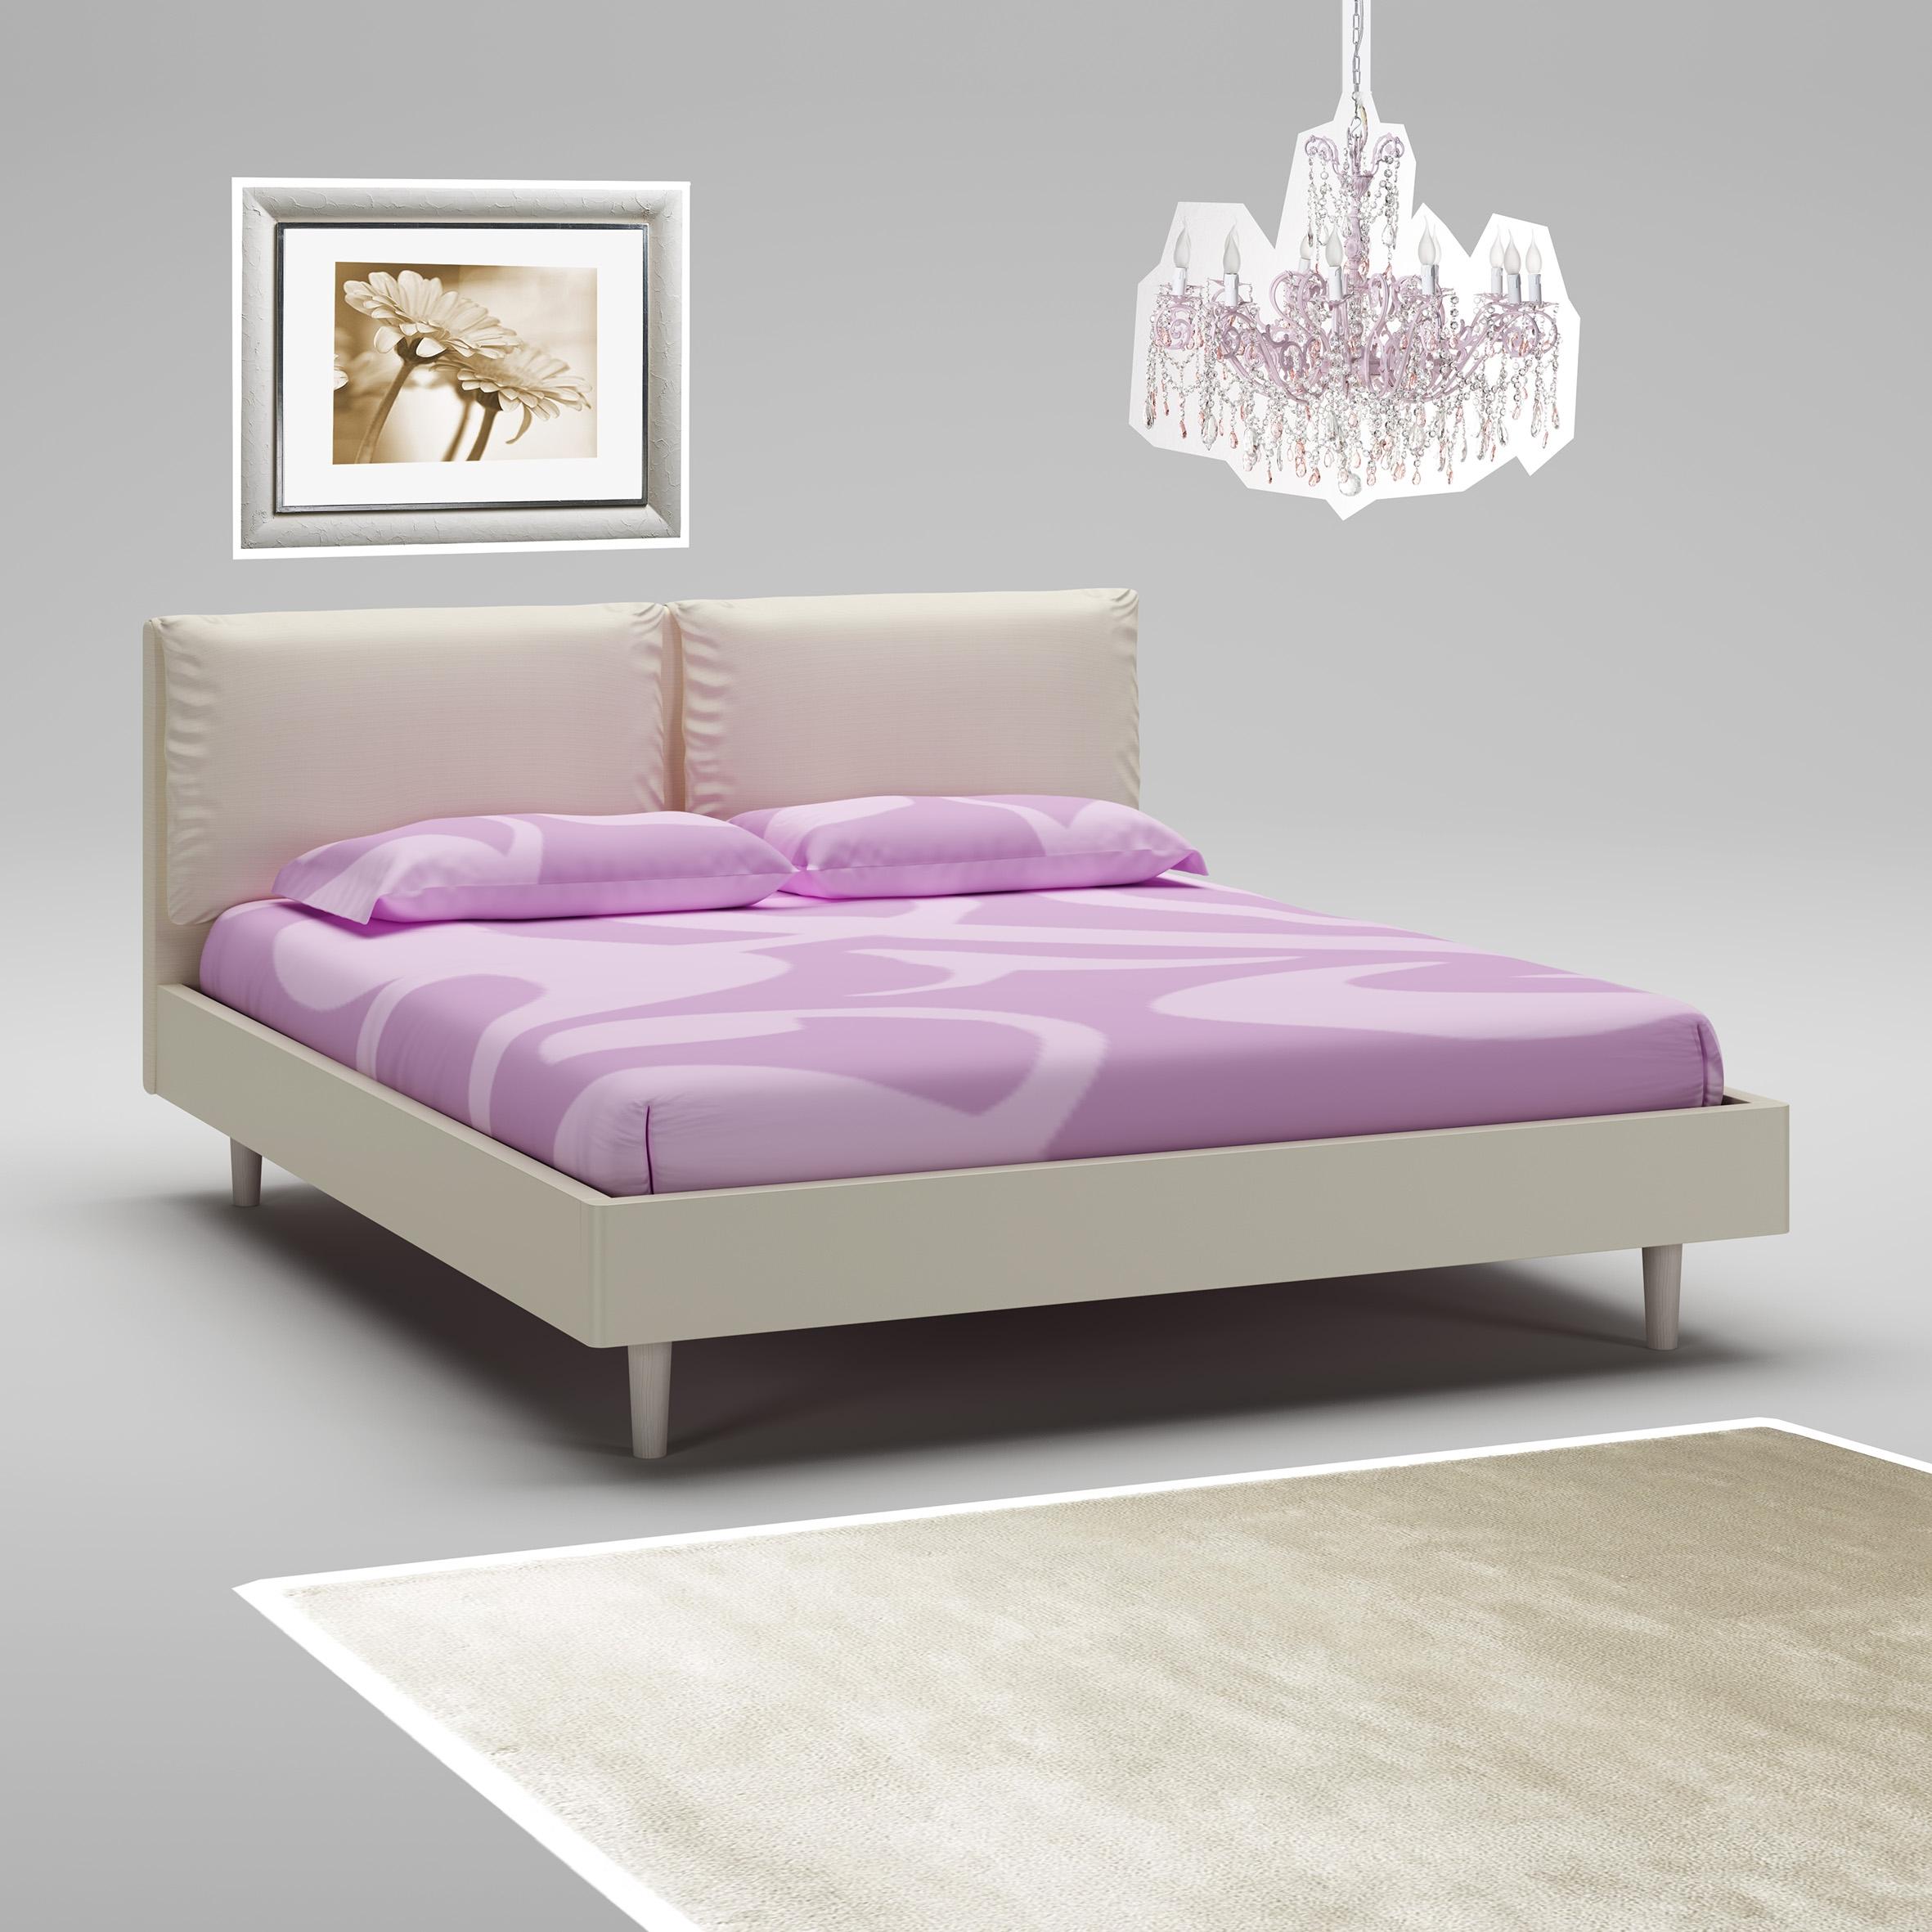 delightful cadre tete de lit 1 t te de lit un mur de cadres pour habiller la t te de lit une. Black Bedroom Furniture Sets. Home Design Ideas